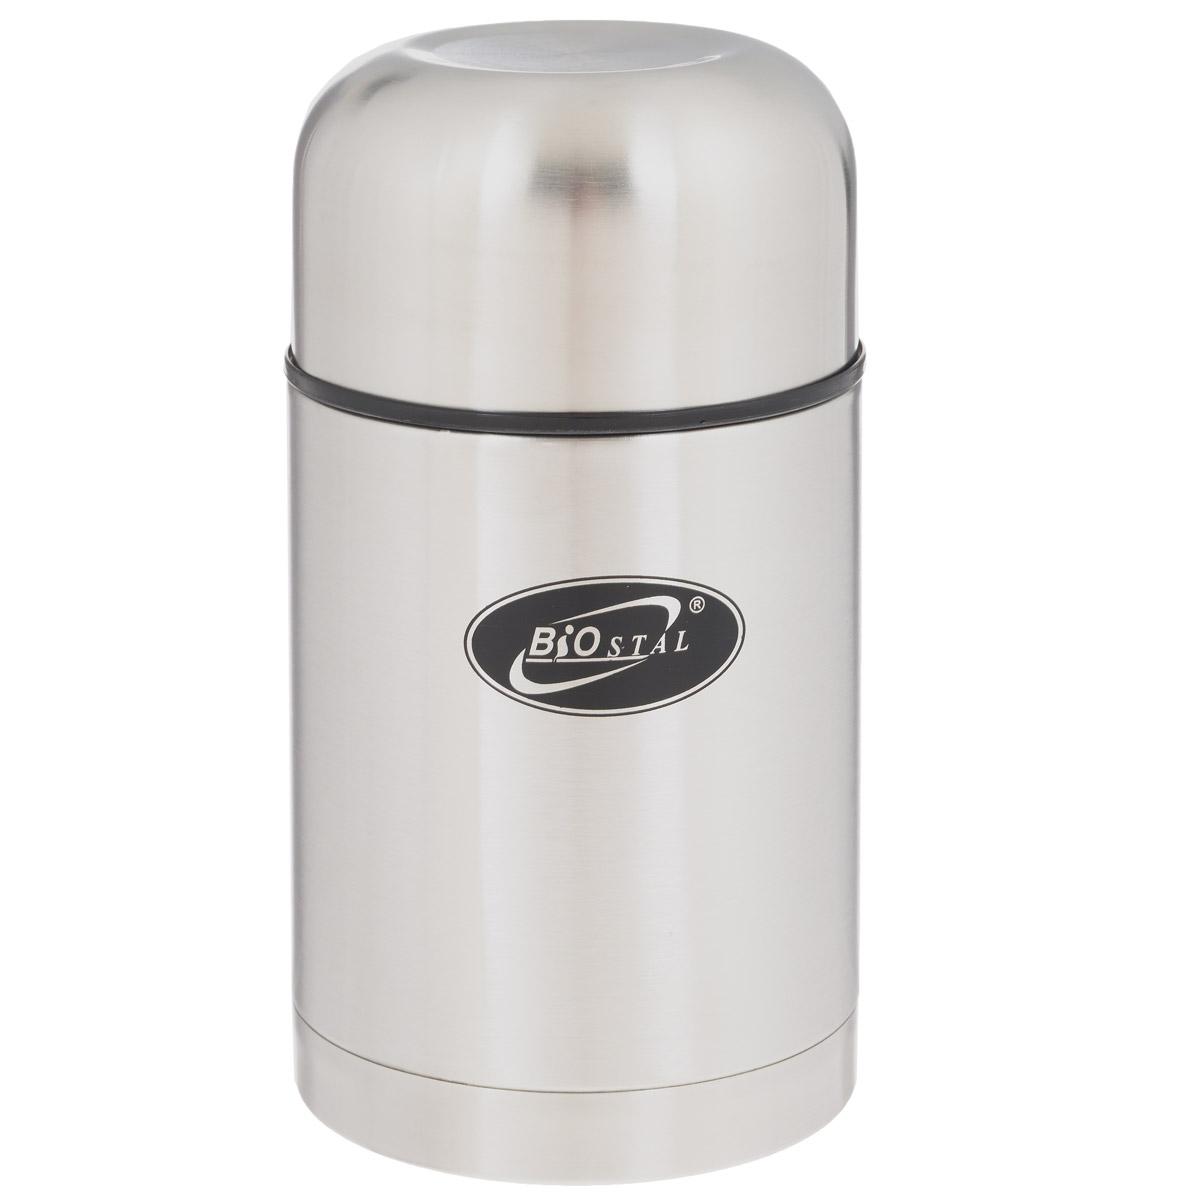 Термос BIOSTAL, в чехле, 750 мл. NT-750NT-750Пищевой термос с широким горлом BIOSTAL, изготовленный из высококачественной нержавеющей стали, относится к классической серии. Термосы этой серии, являющейся лидером продаж, просты в использовании, экономичны и многофункциональны. Термос с широким горлом предназначен для хранения горячей и холодной пищи, замороженных продуктов, мороженного, фруктов и льда и укомплектован пробкой с клапаном. Такая пробка обладает дополнительной теплоизоляцией и позволяет термосу дольше хранить тепло (до 24 часов), а клапан облегчает его открытие. Изделие также оснащено крышкой-чашкой и текстильным чехлом для хранения и переноски термоса. Легкий и прочный термос BIOSTAL сохранит ваши напитки горячими или холодными надолго.Высота (с учетом крышки): 19 см.Диаметр горлышка: 8 см.